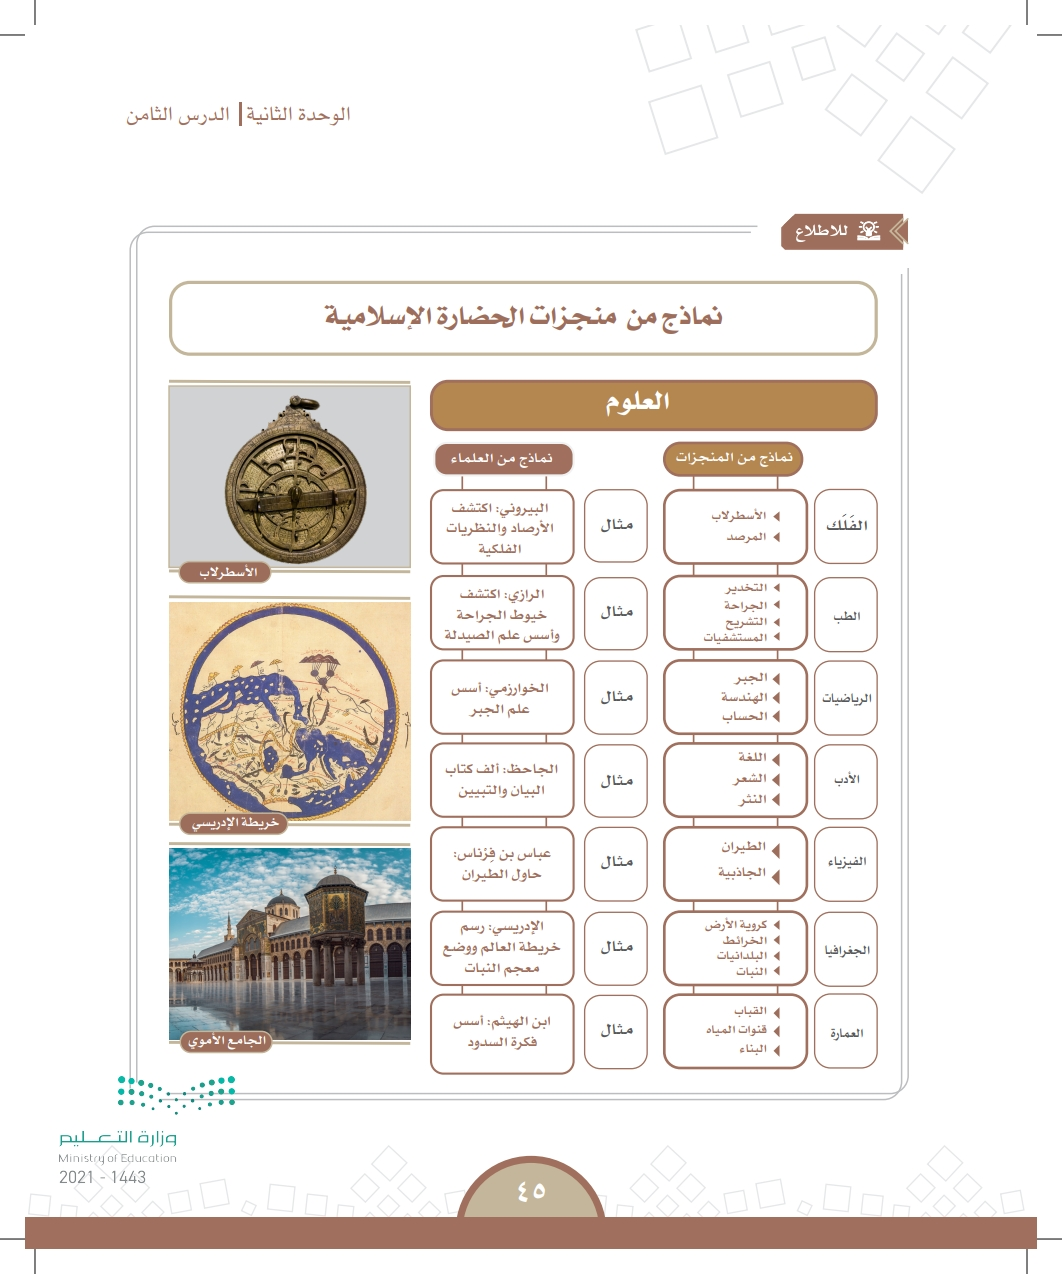 الدرس الثامن: الحضاره الإسلامية